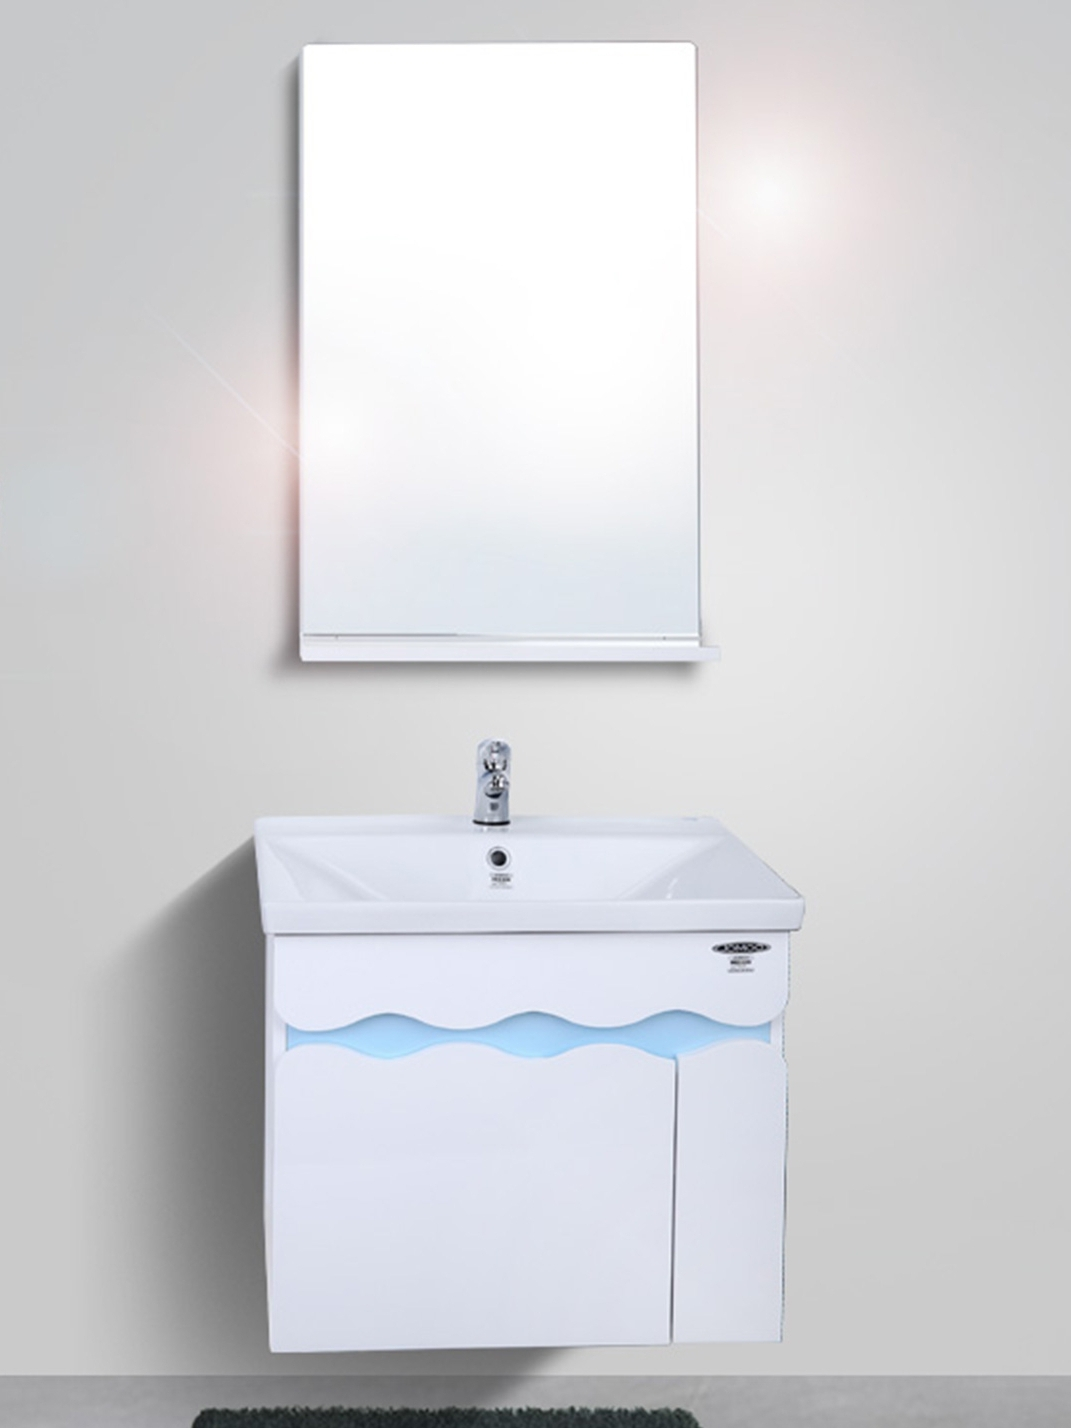 九牧卫浴北欧浴室柜组合现代简约pvc浴室柜小户型挂壁式欧式A2172